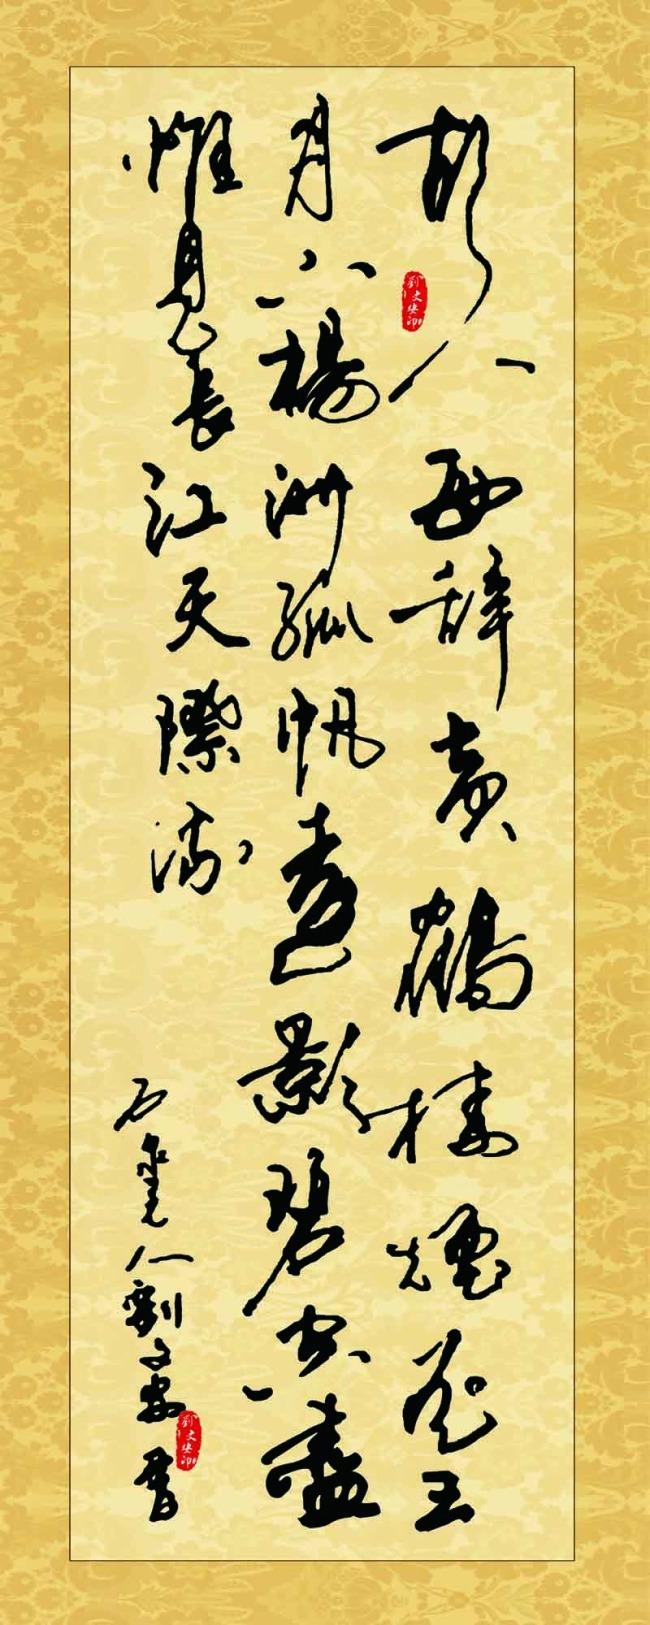 孟浩然 - 岳阳市档案局 - leebapa - leebapa的博客